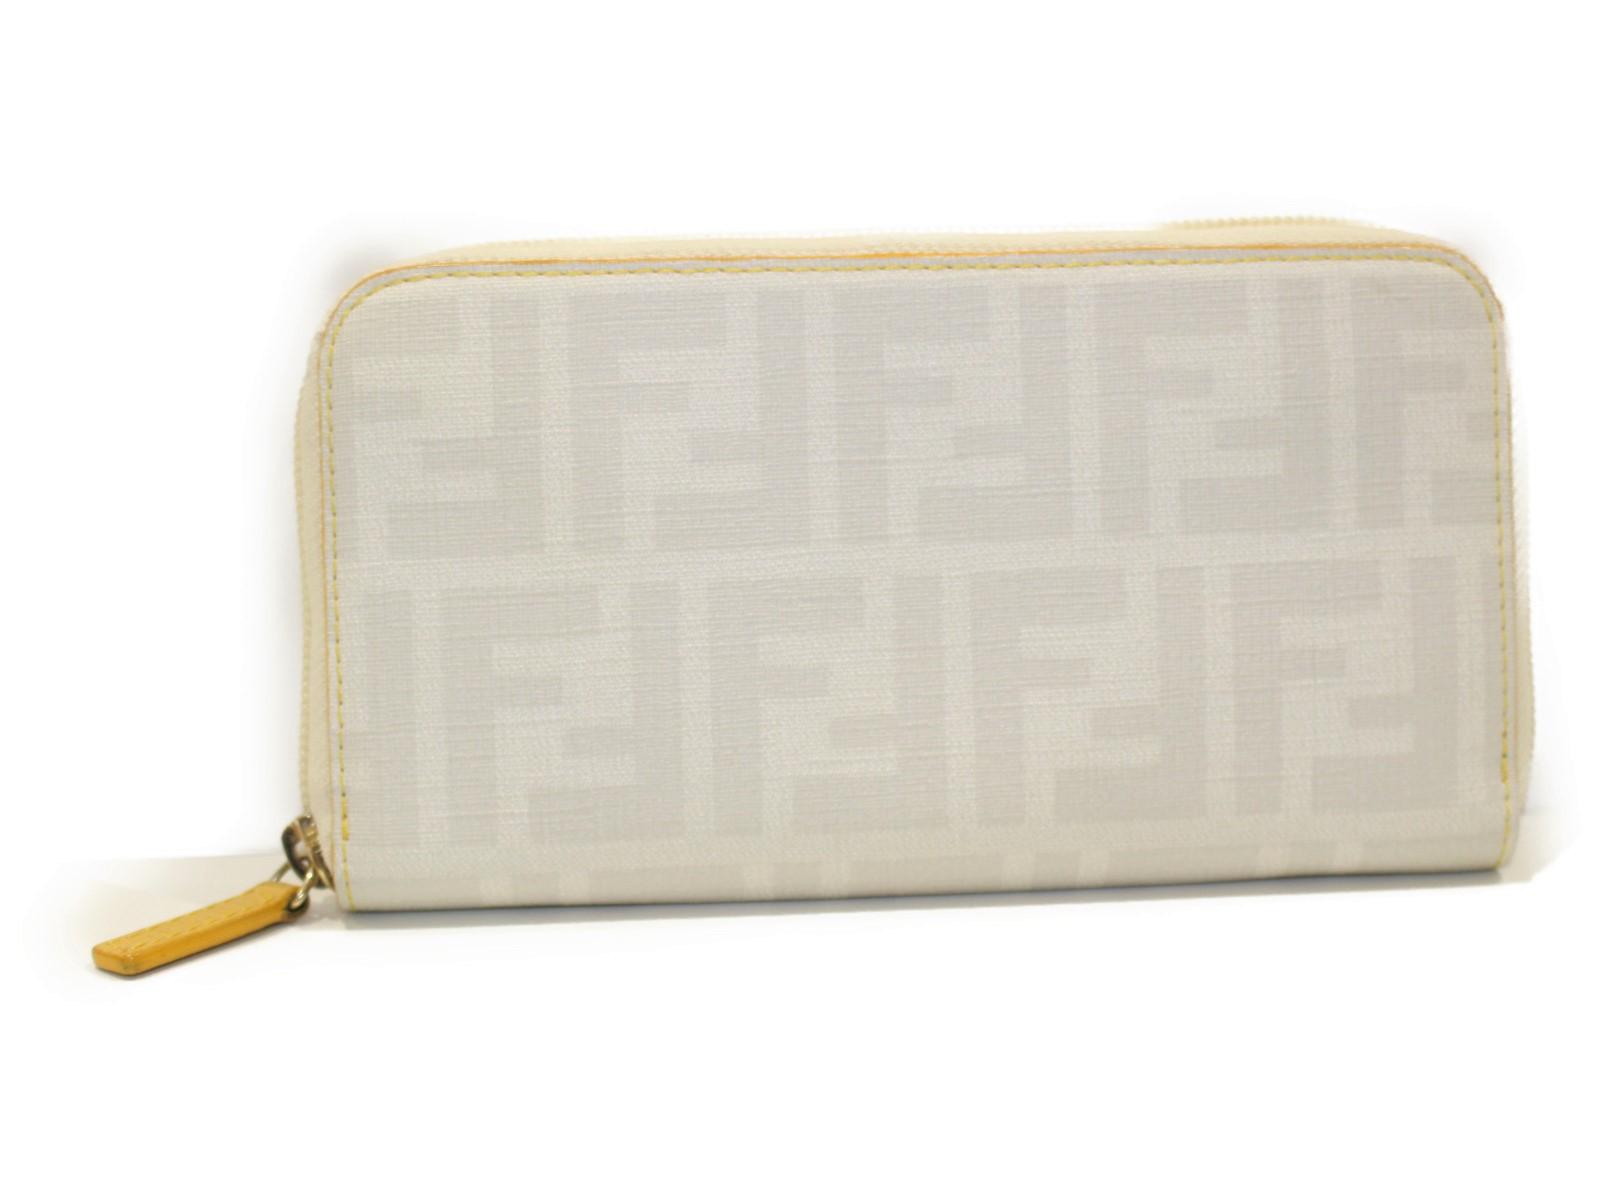 FENDI フェンディ ラウンドファスナー財布 8M0024 ホワイト系×イエロー   レディース ユニセックス メンズ ウィメンズ 長財布【中古】